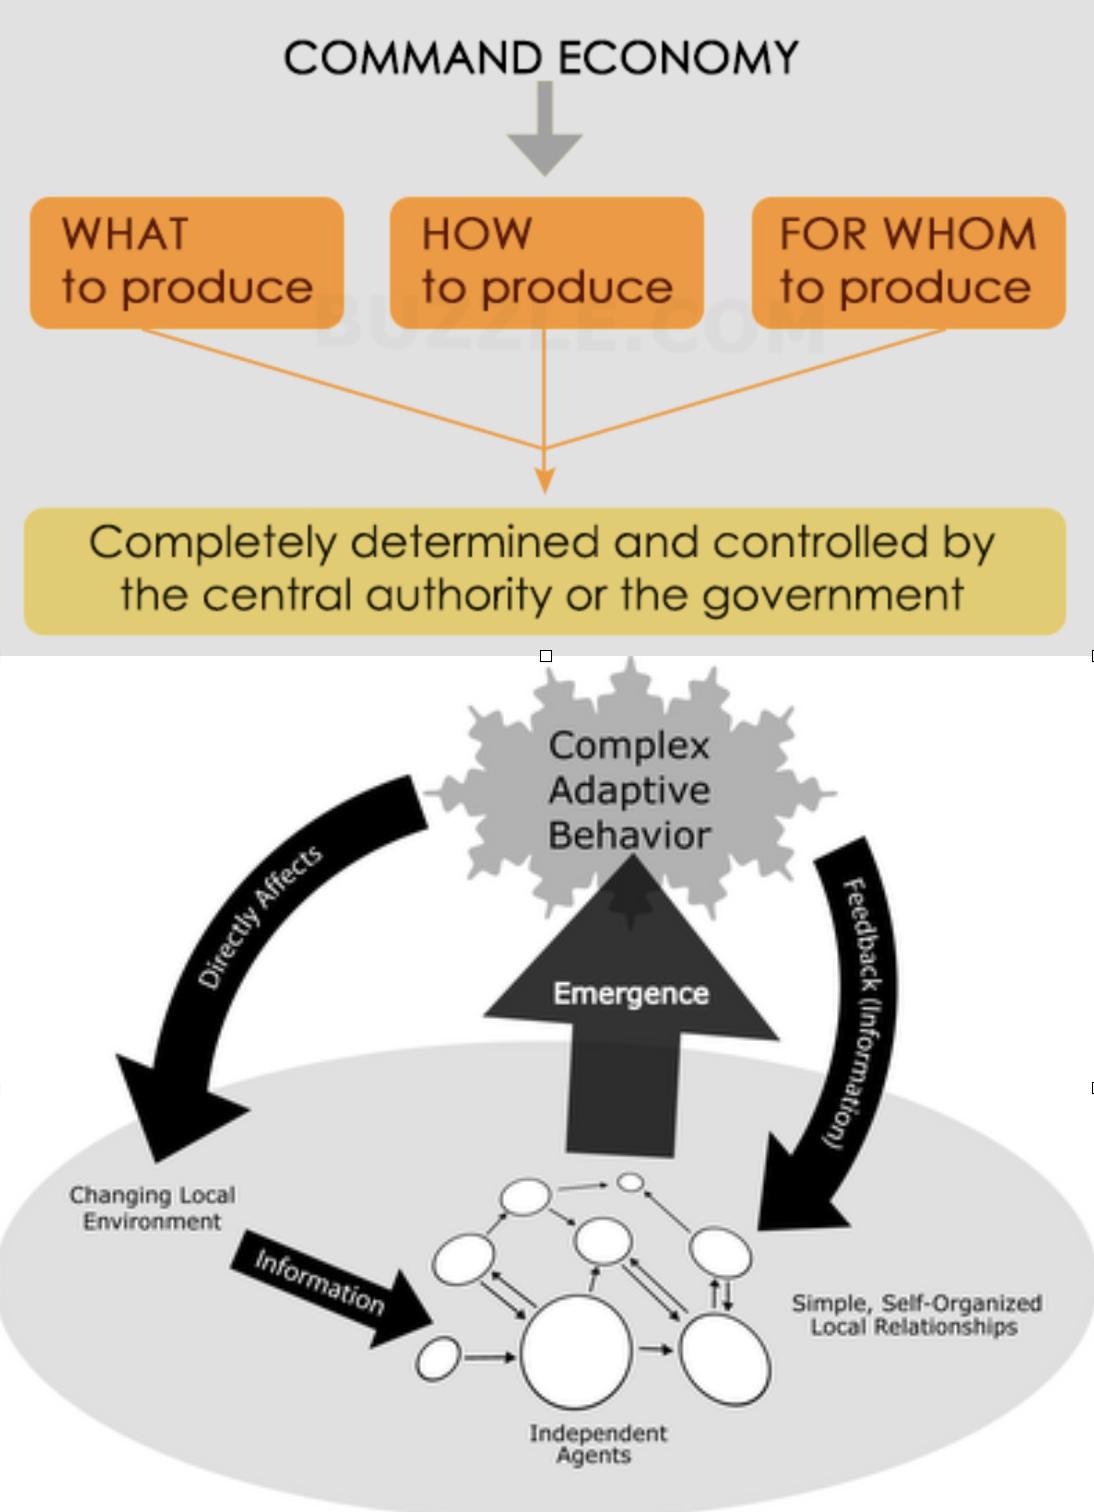 La planificación central en materia lleva inexorablemente al control de la sociedad.